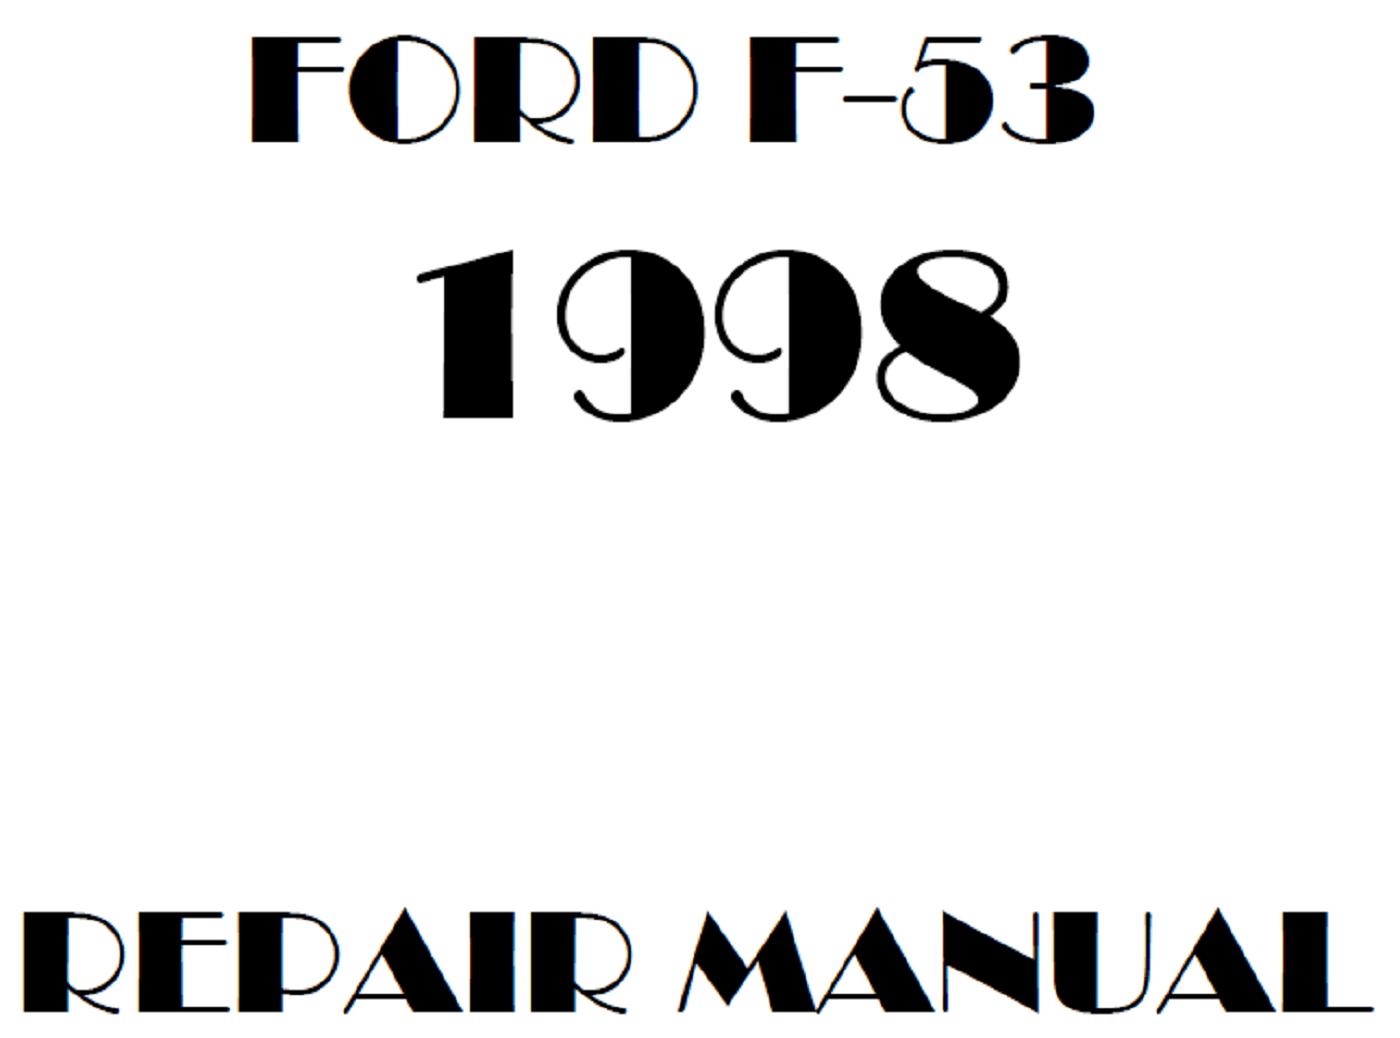 1998 Ford F53 repair manual